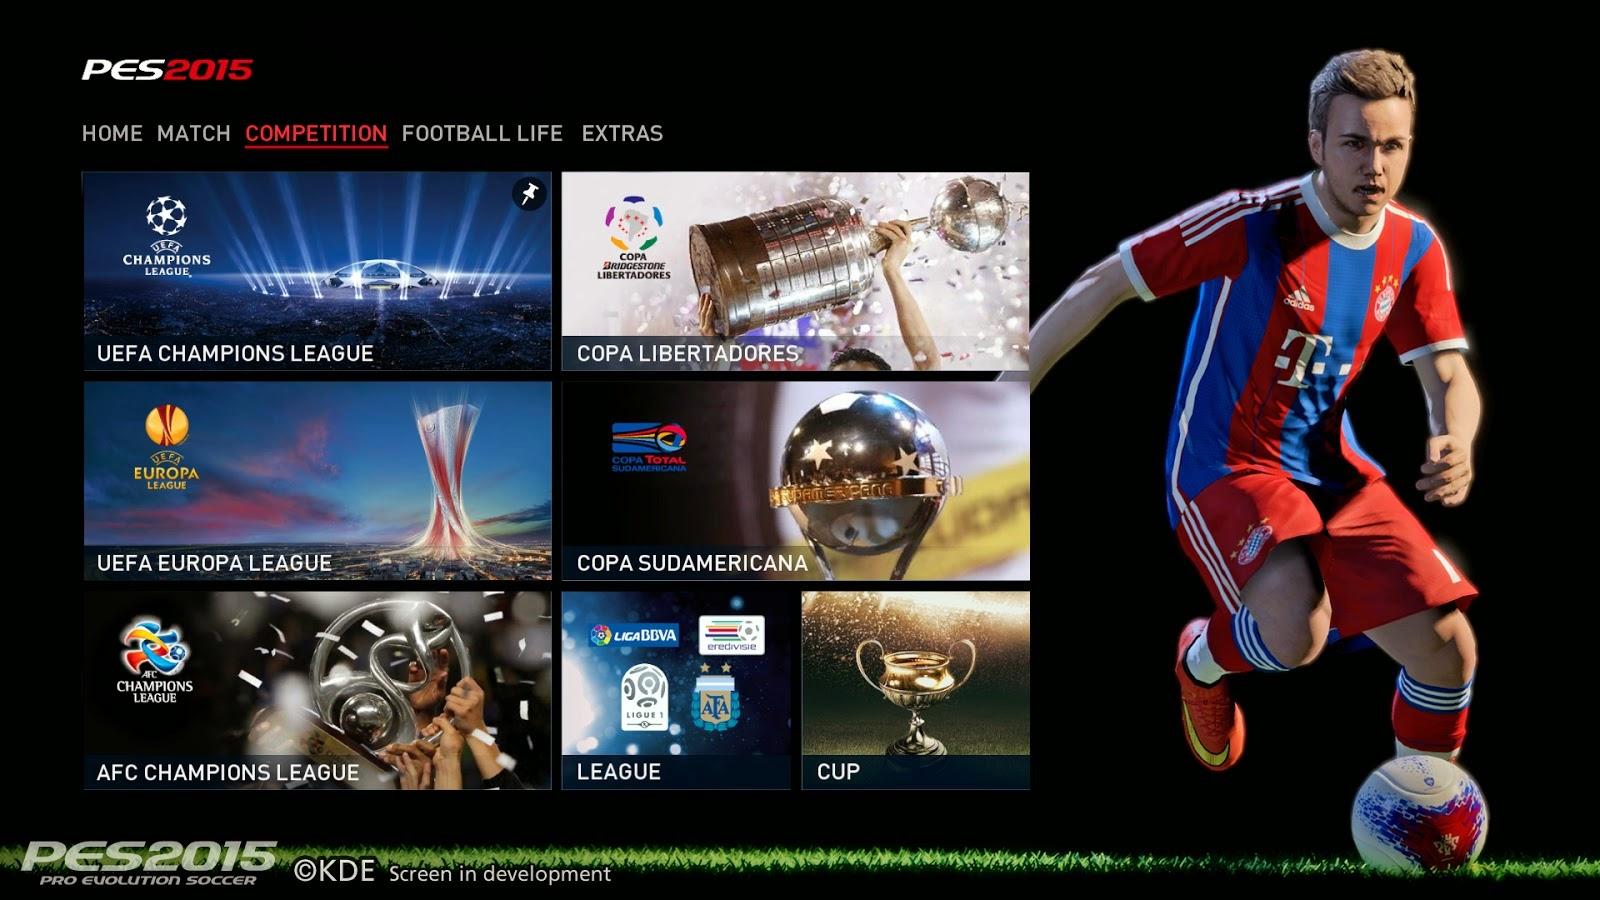 Ligas, copas e competições continentais licenciadas em PES 2015